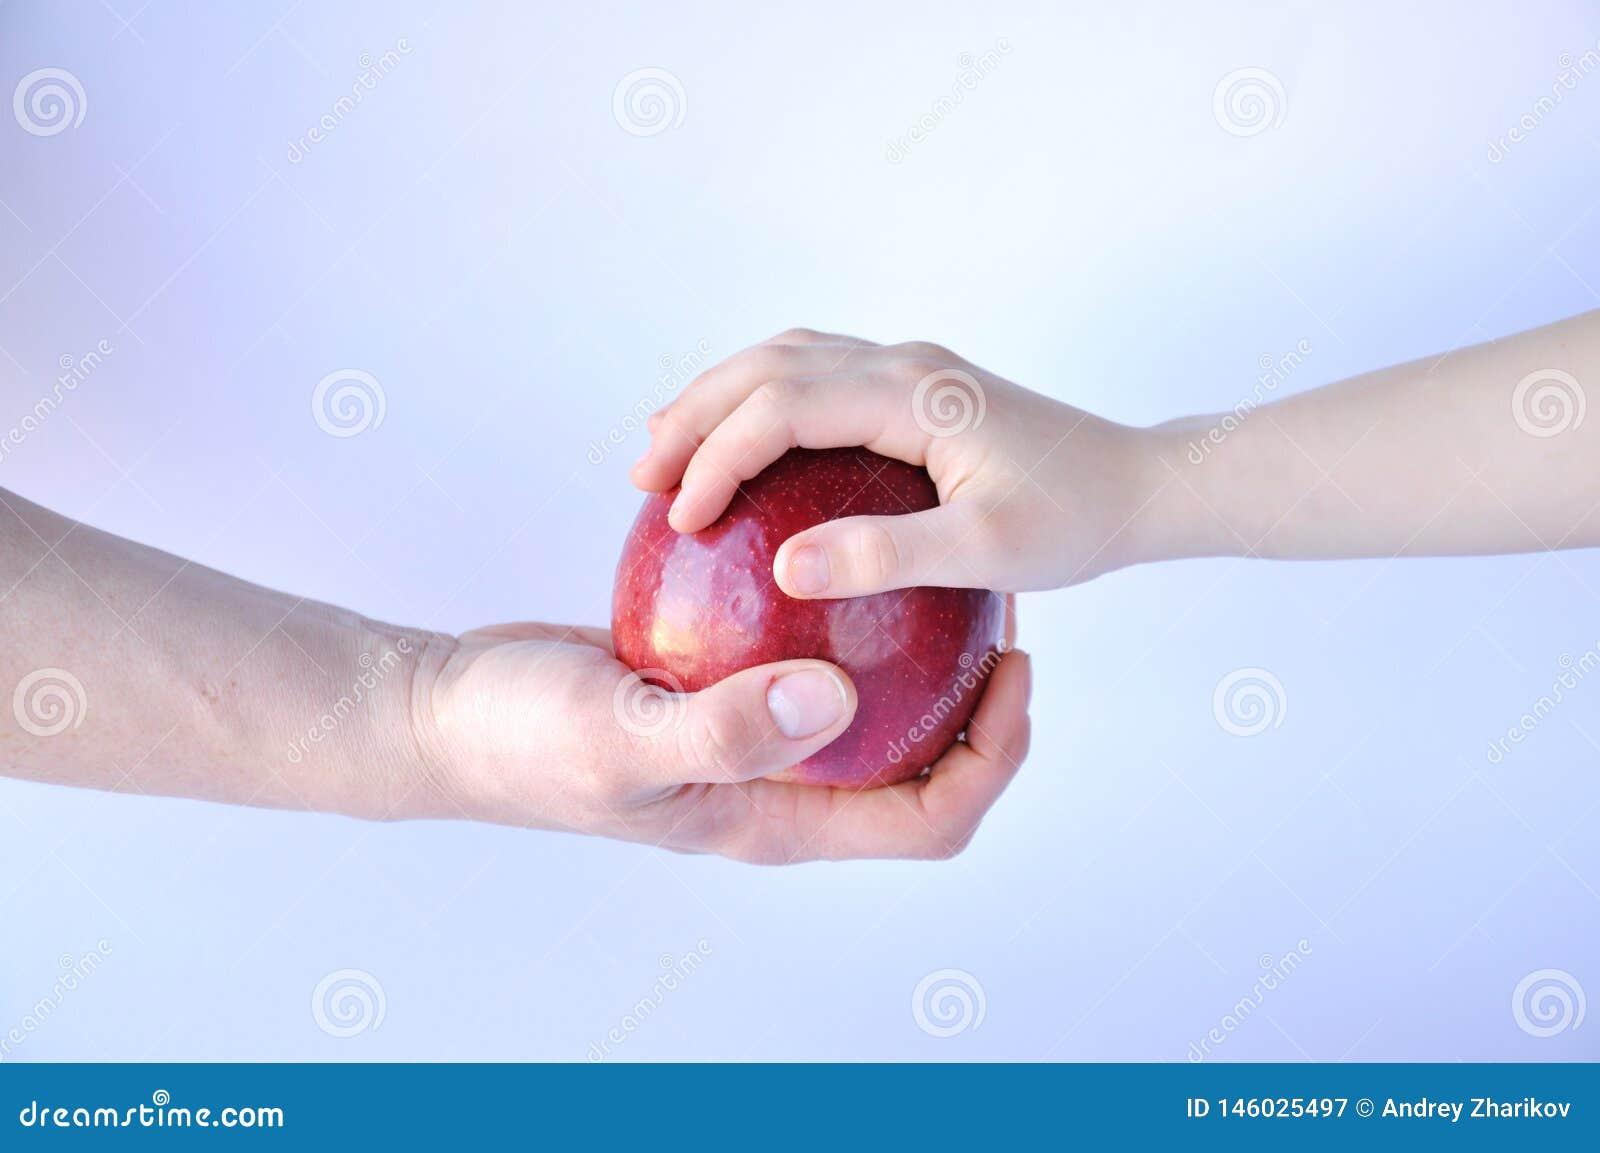 La main donne une pomme rouge à une autre main